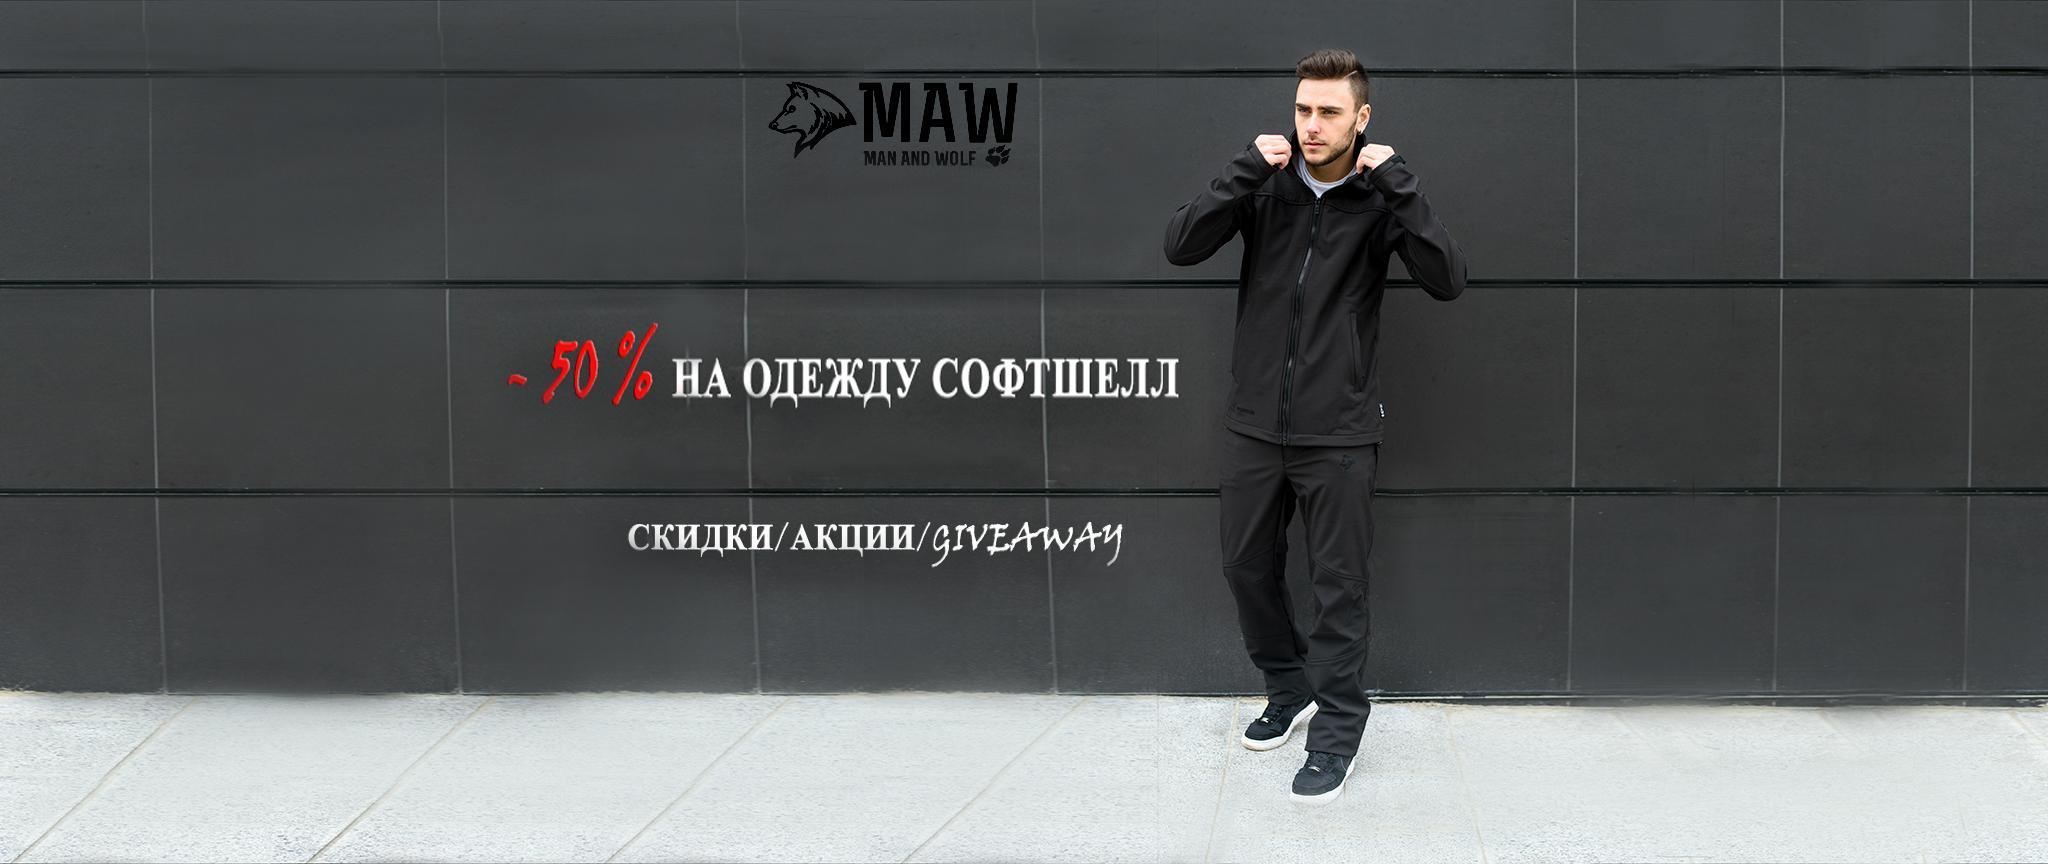 77c96eddb Куртки мужские демисезонные производителя - лучшая цена интернет ...